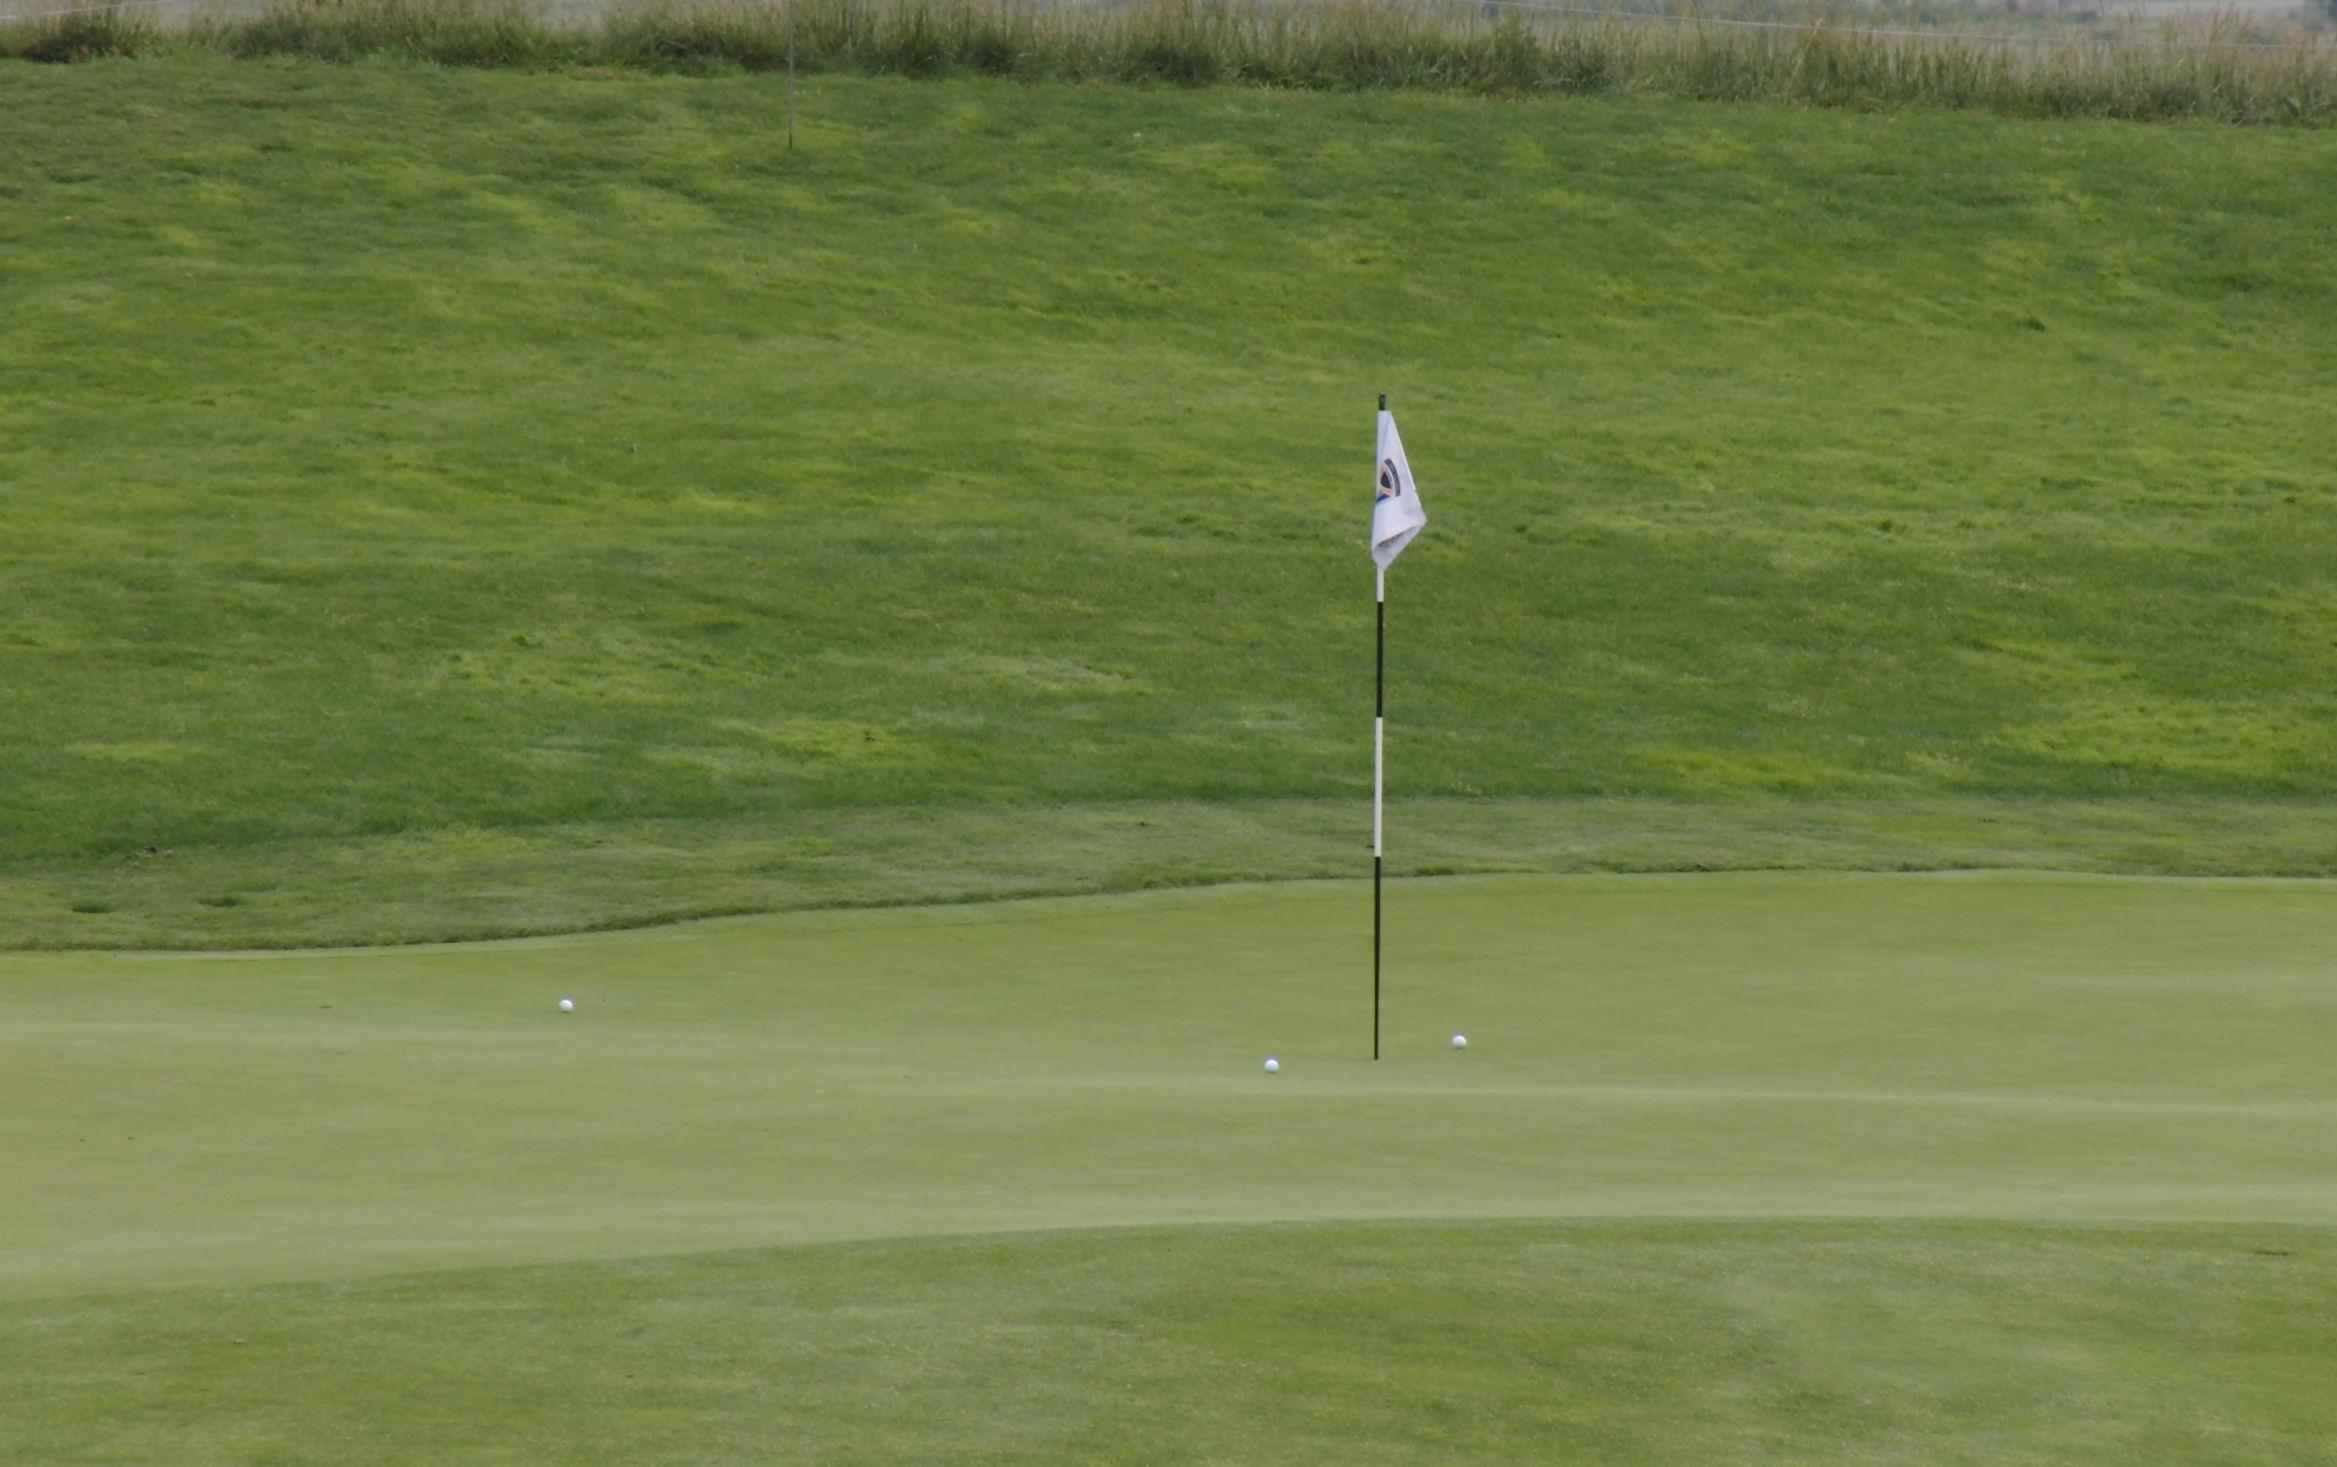 Golftraining - immer besser werden